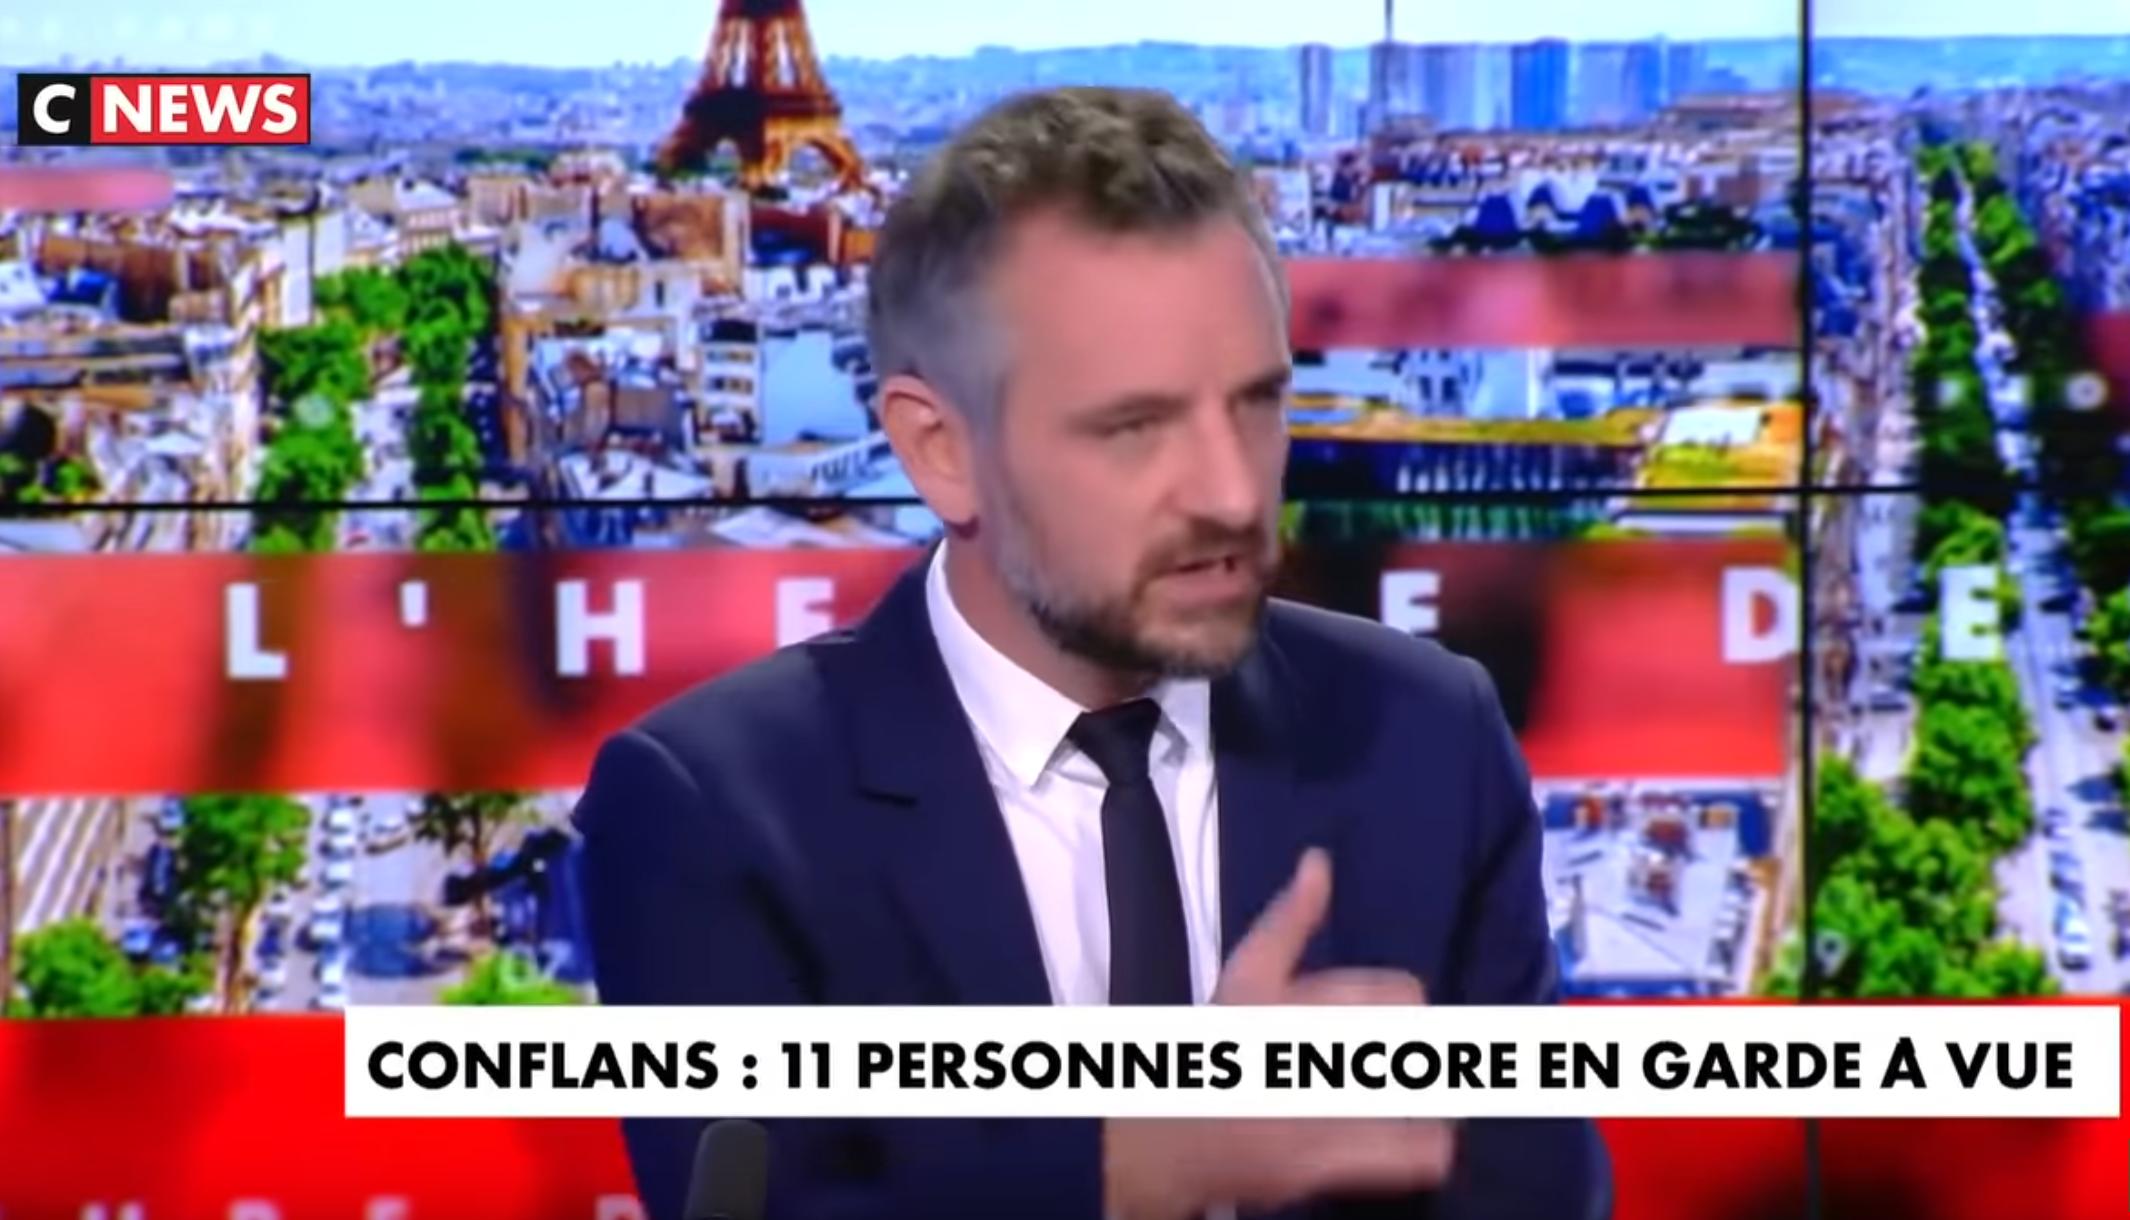 """Florian Bachelier, député LREM d'Ille-et-Vilaine, reconnaît qu'il y a """"un sujet sur la matinale"""" de France Inter : """"La ligne éditoriale pose parfois question"""" (VIDÉO)"""